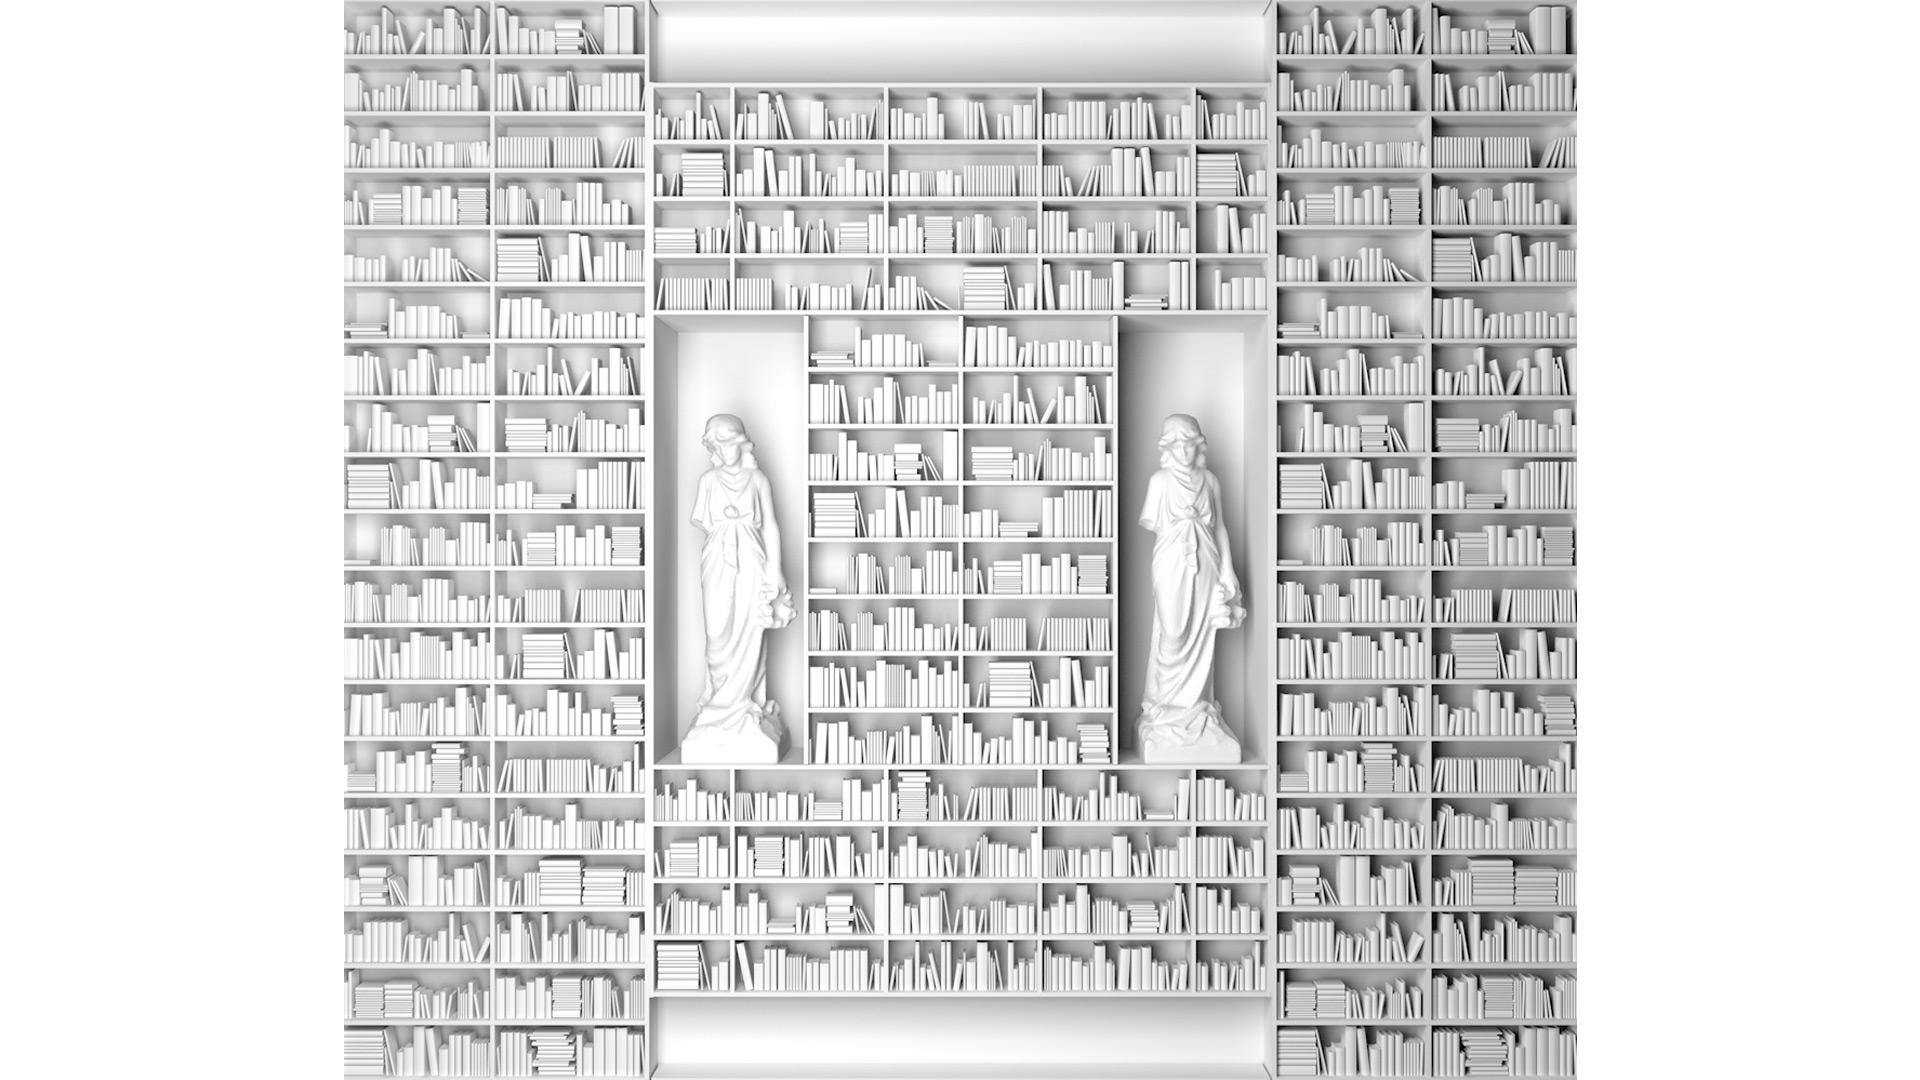 ESC - bookshelf 3d render